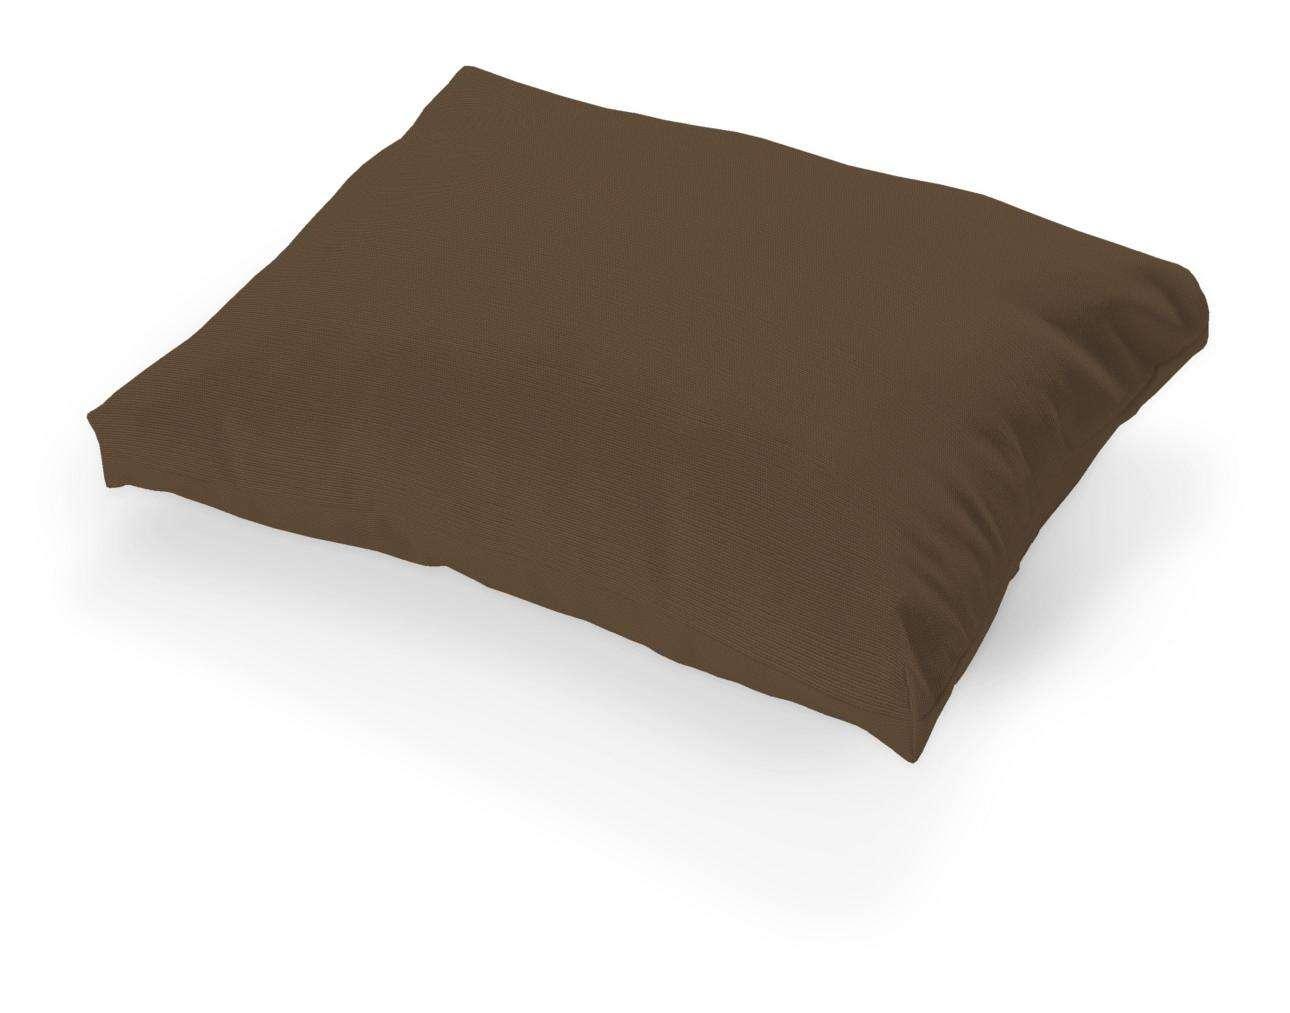 Tylösand pagalvėlės užvalkalas Tylösand pagalvėlė kolekcijoje Cotton Panama, audinys: 702-02